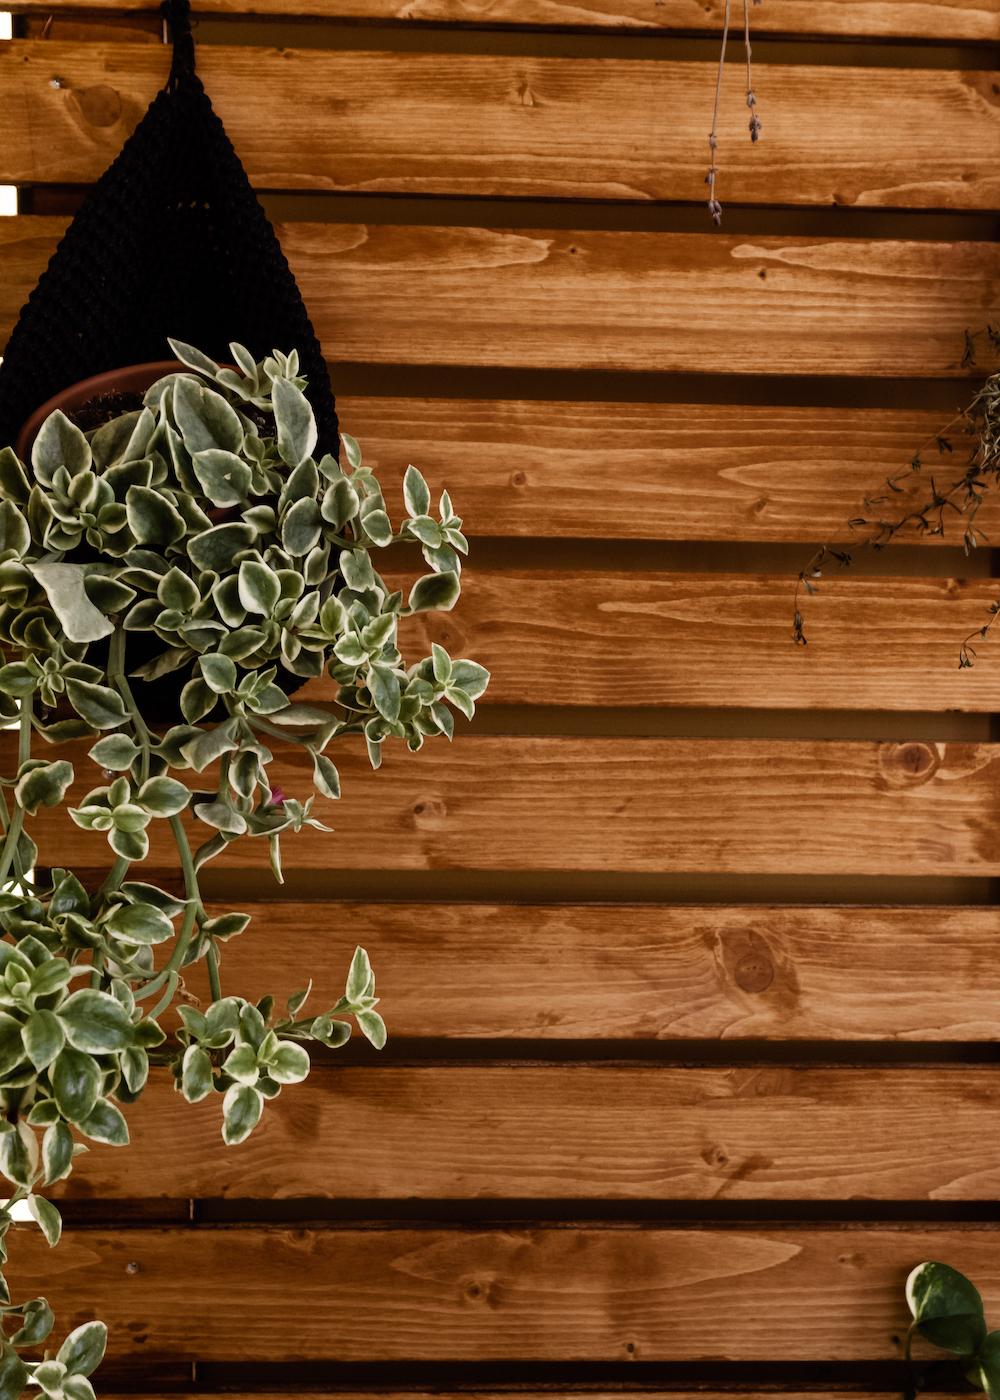 BOHO BALKON GESTALTEN - Hängepflanzen